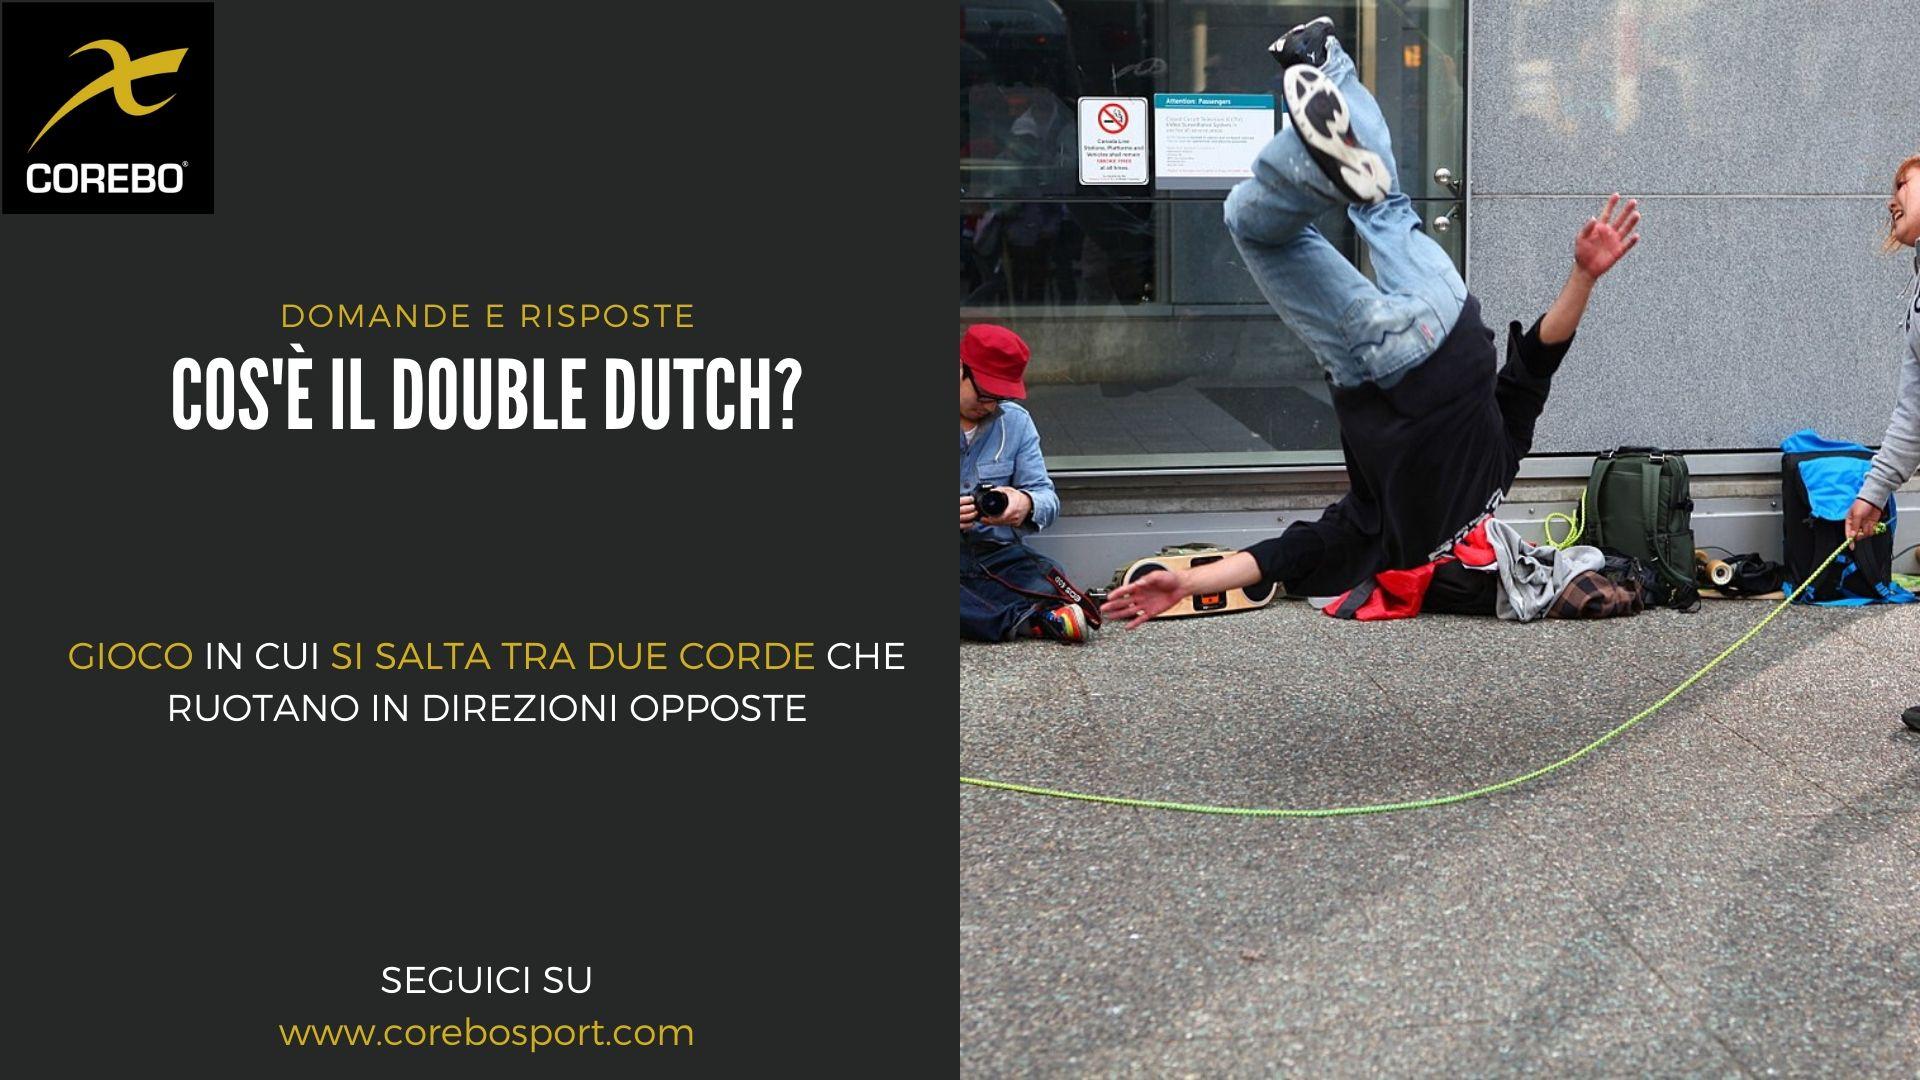 Double dutch cos'è